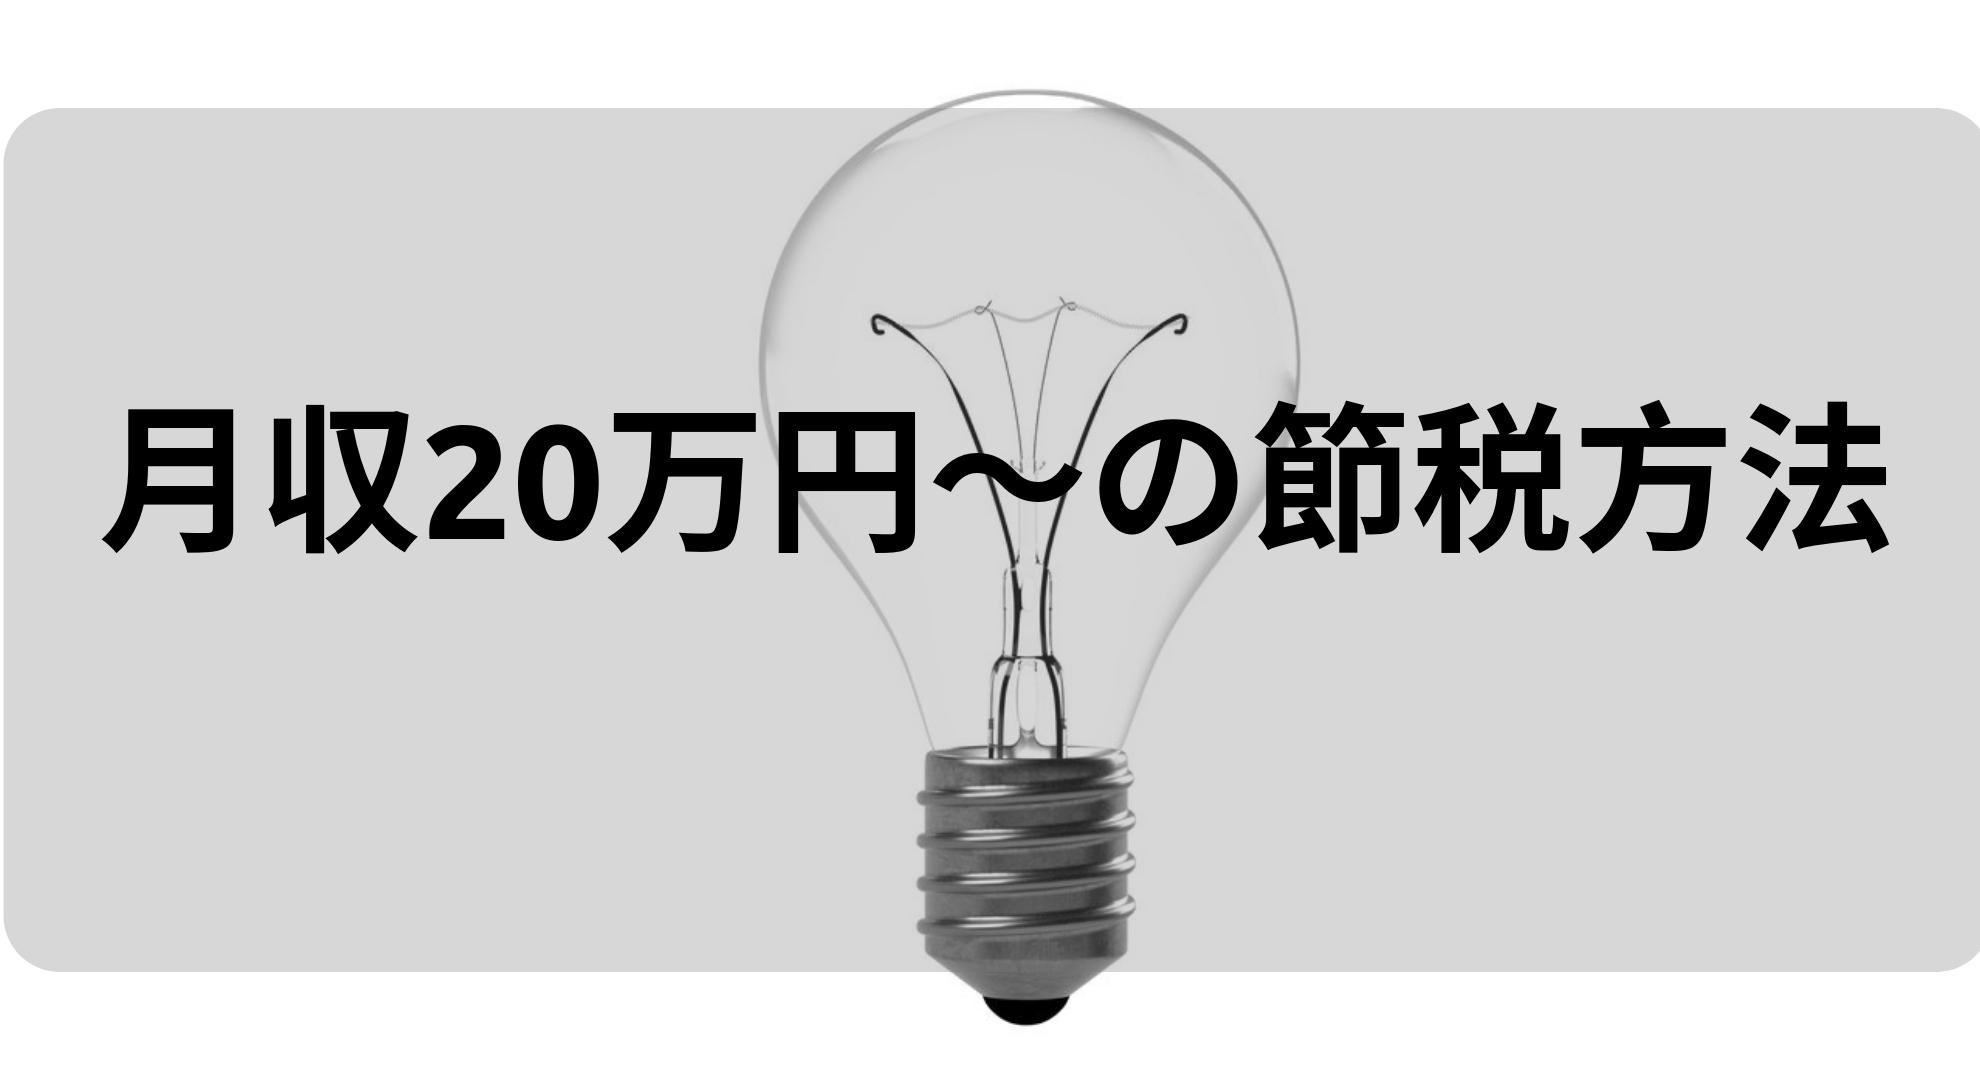 月収20万円の合法的な3つの節税方法を紹介します。